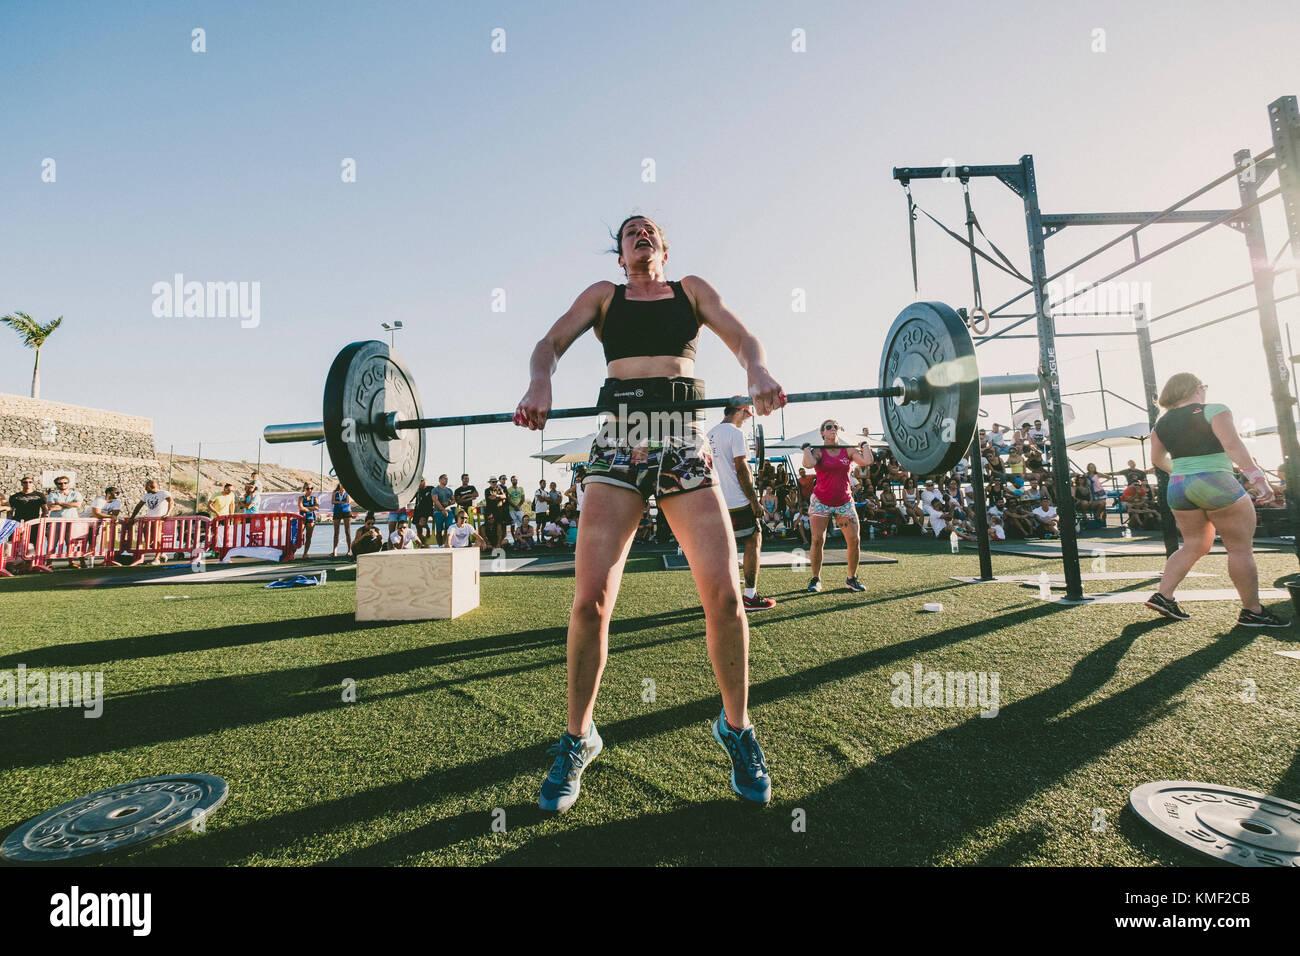 Vista frontal de la atleta femenina de levantar pesas durante la competición, Tenerife, Islas Canarias, España Imagen De Stock